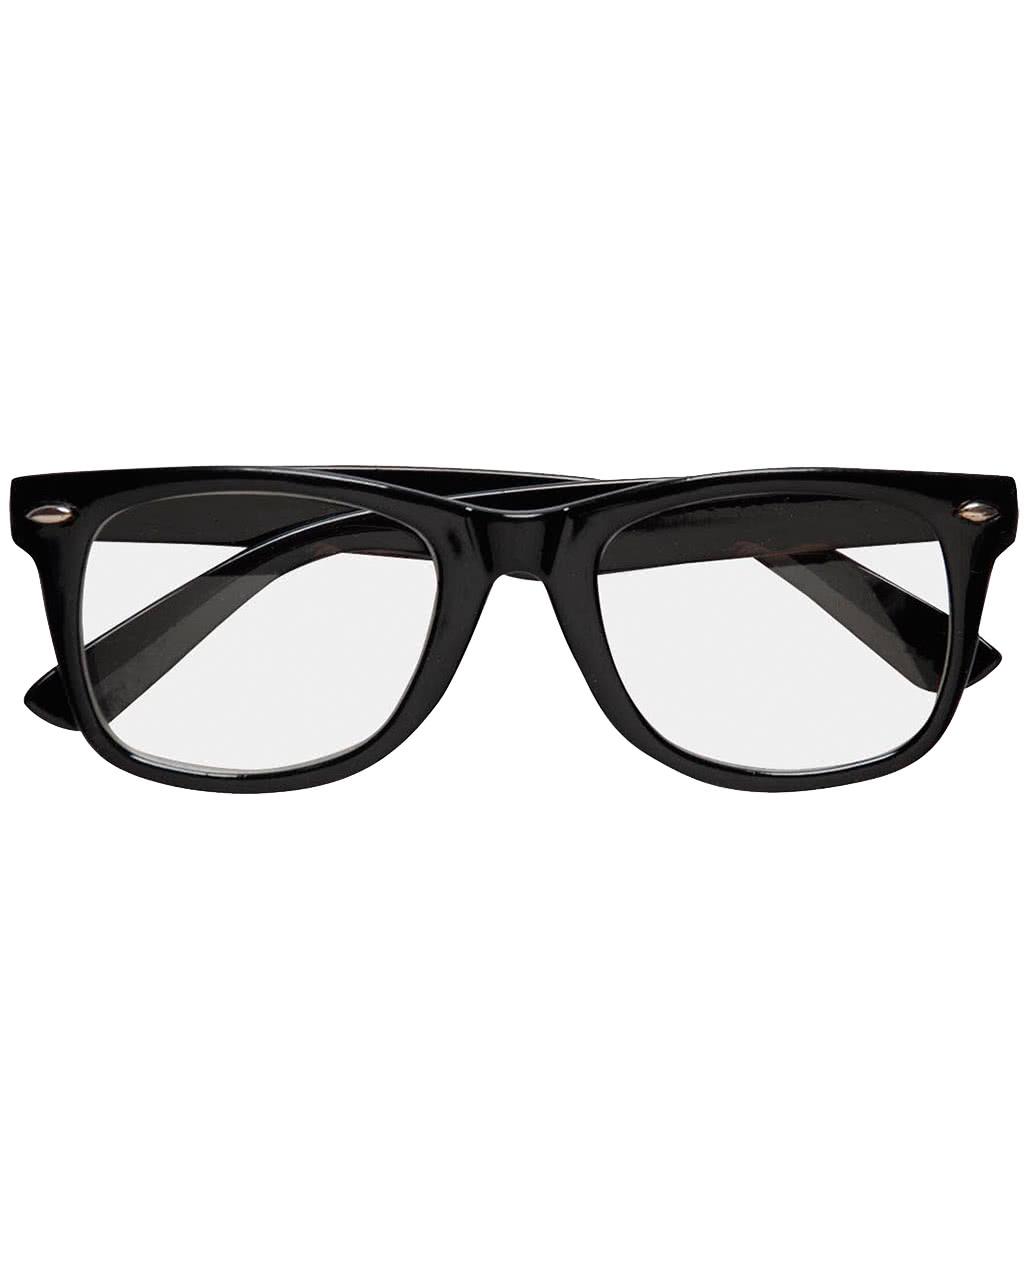 schwarze nerd brille mit gl sern supermann brille. Black Bedroom Furniture Sets. Home Design Ideas